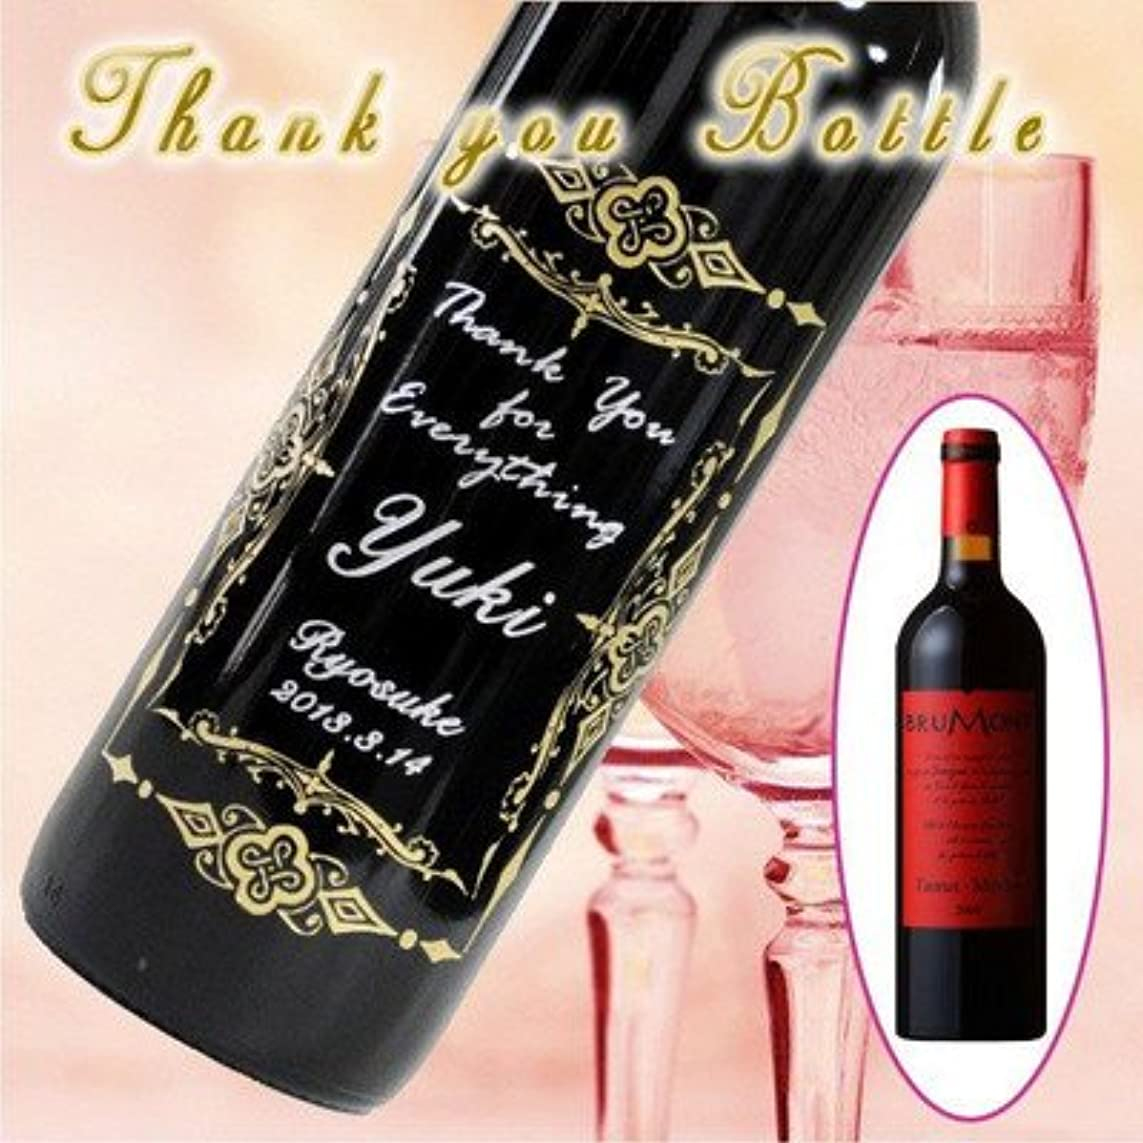 逃げる征服する不可能なガラスデザイン工房 名入れ酒 フランス産赤ワイン フォント:Z-2